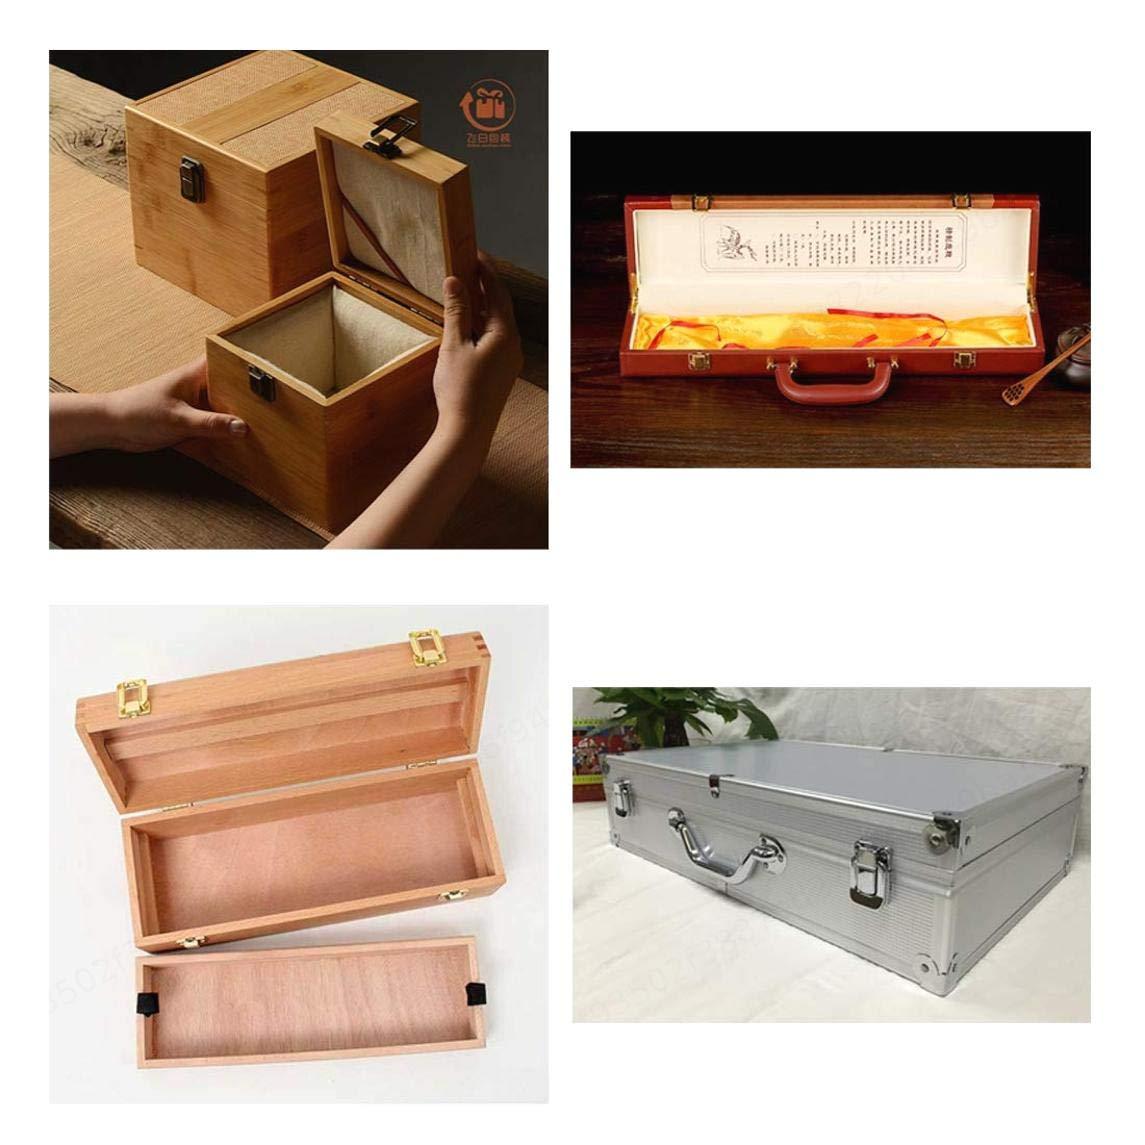 TINGB Lot de 2 verrous /à Bascule vis de Serrage d/écoratives r/étro de 40mm pour Fermoir de Coffre /à Coffre pour Coffre